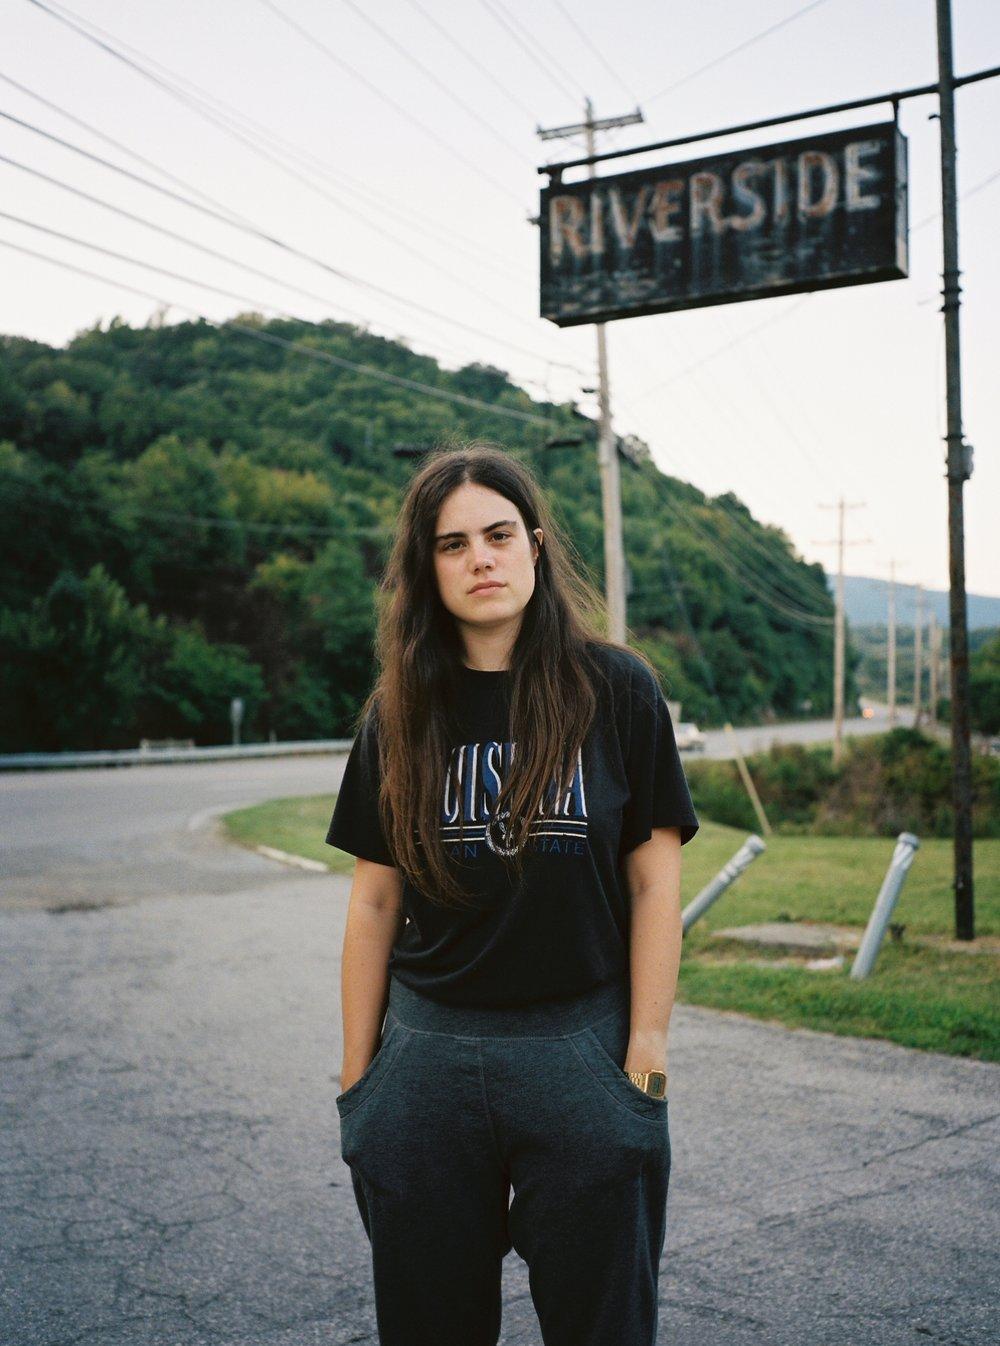 Natalie_Natalie-R1-E003.jpg